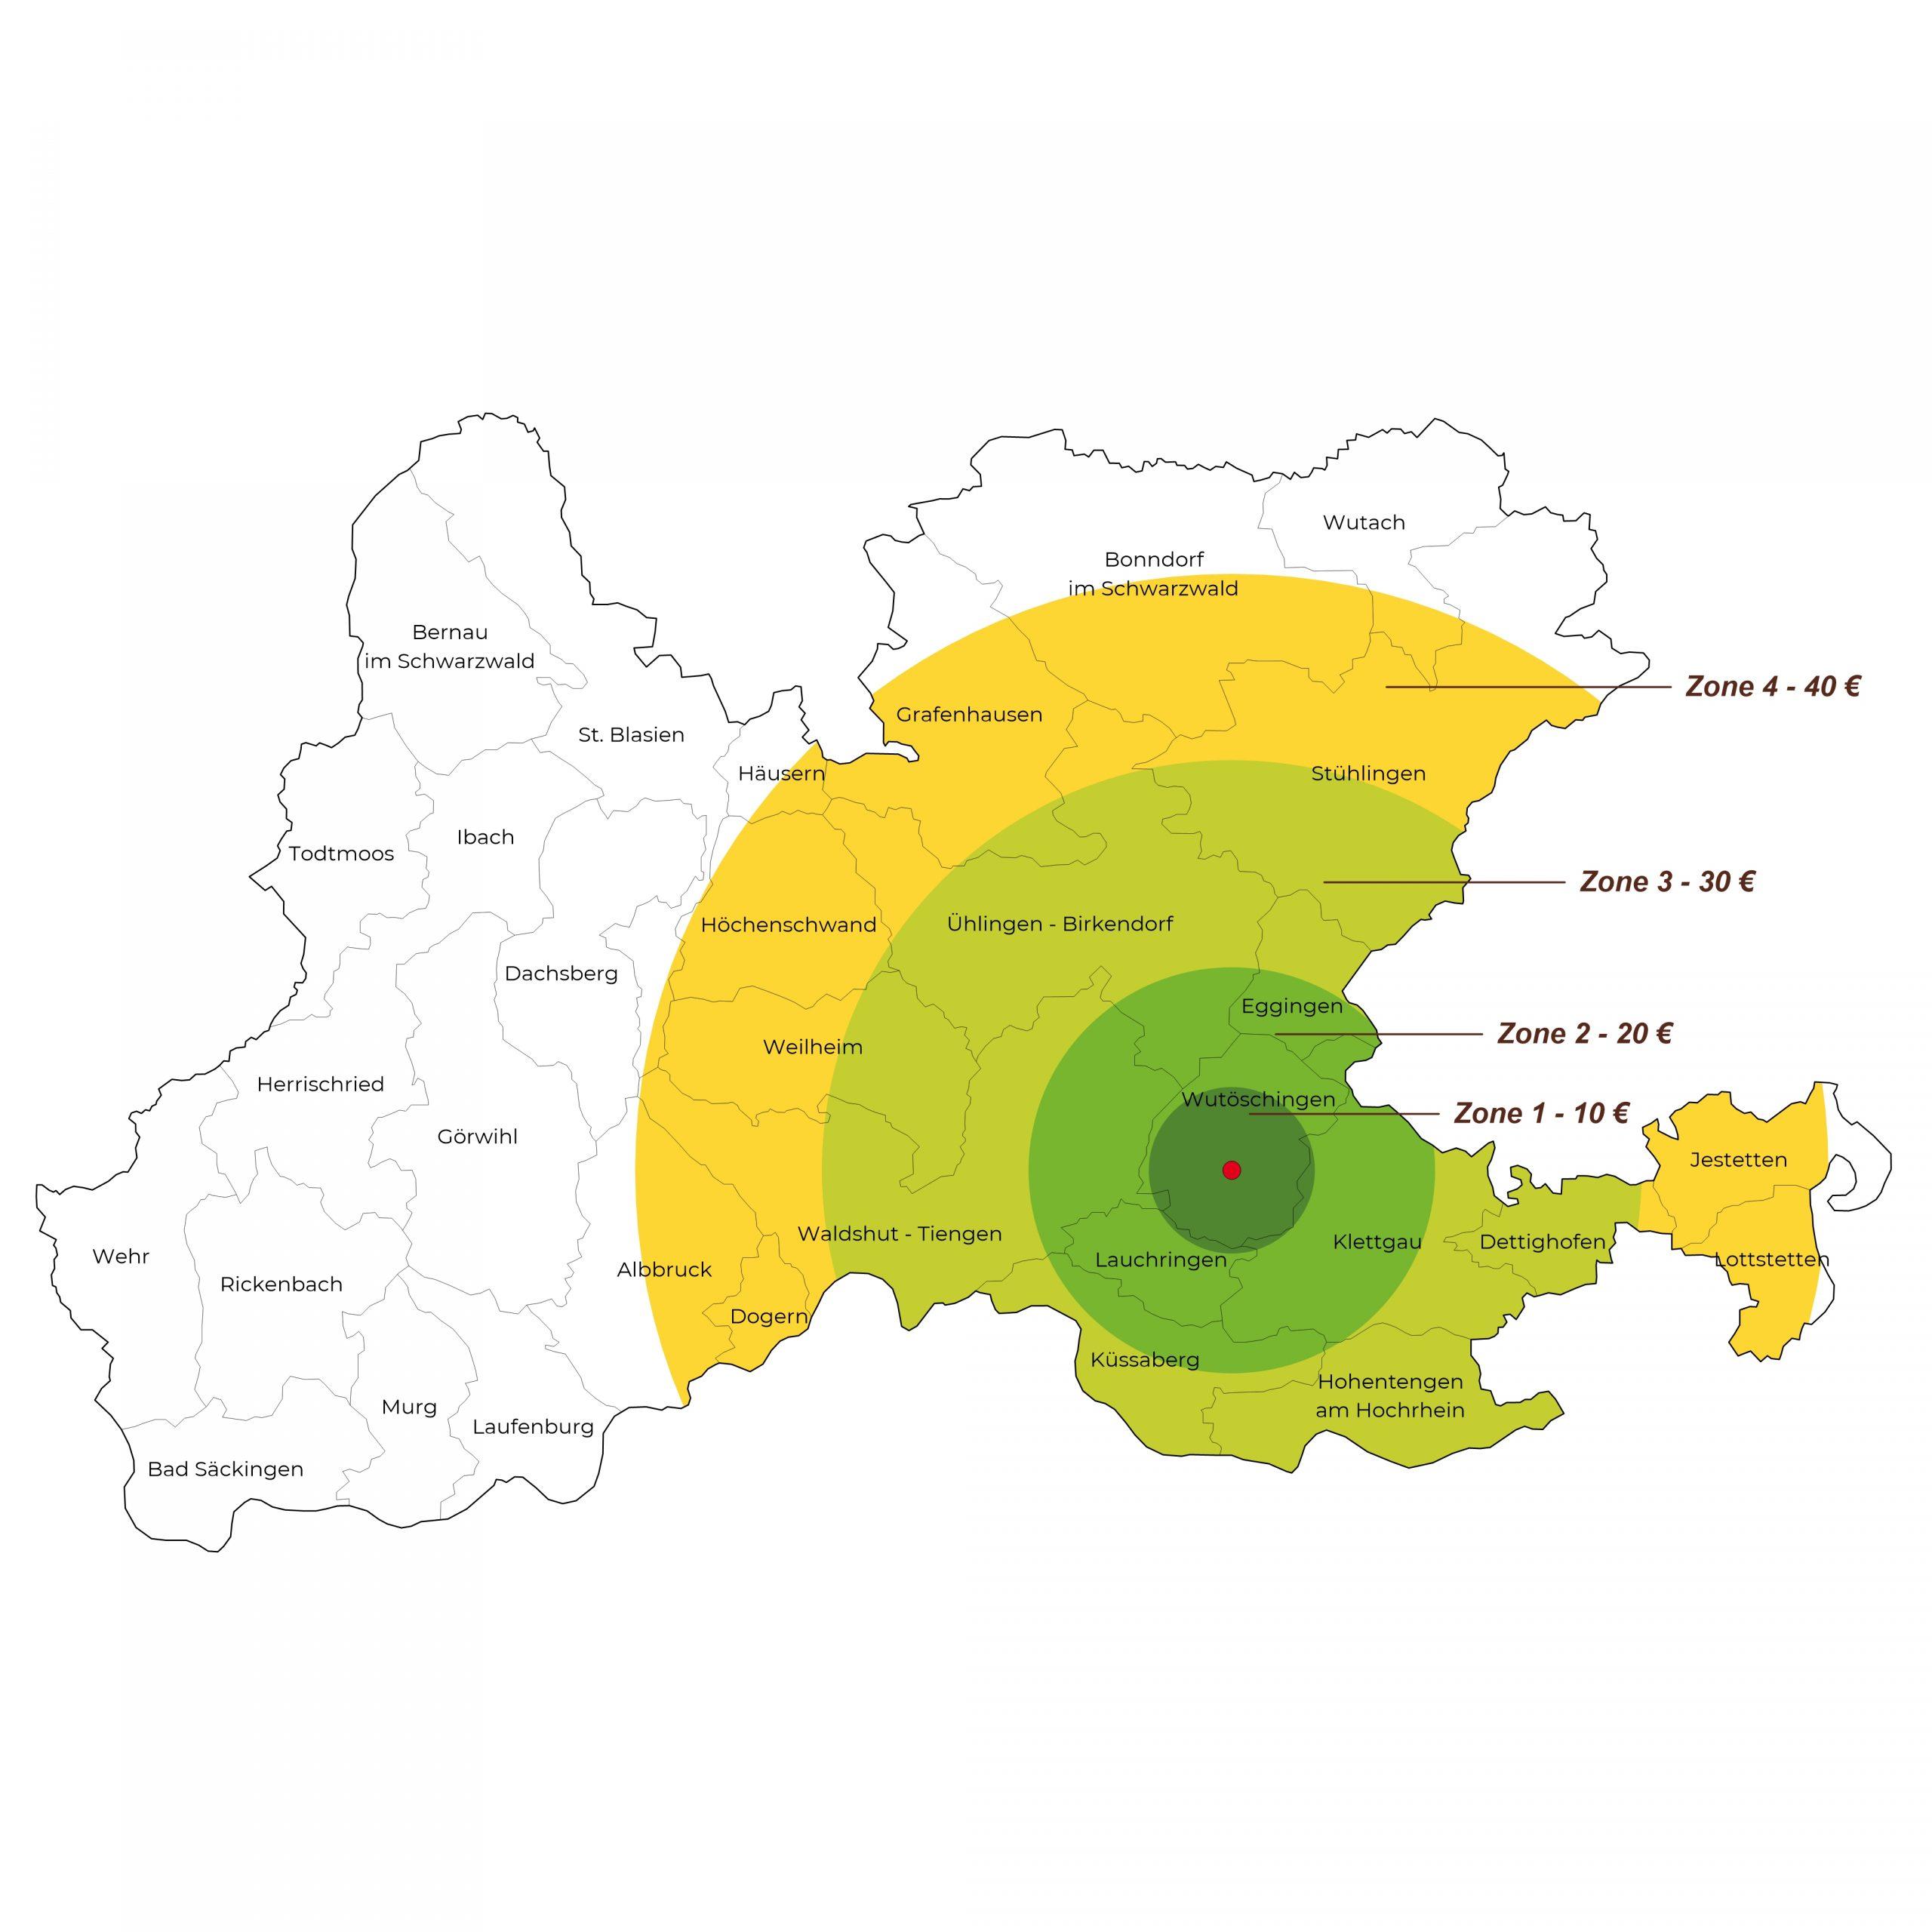 Karte des Lieferkreises der Manz Gartenwelt in Stühlingen-Schwerzen am Hochrhein